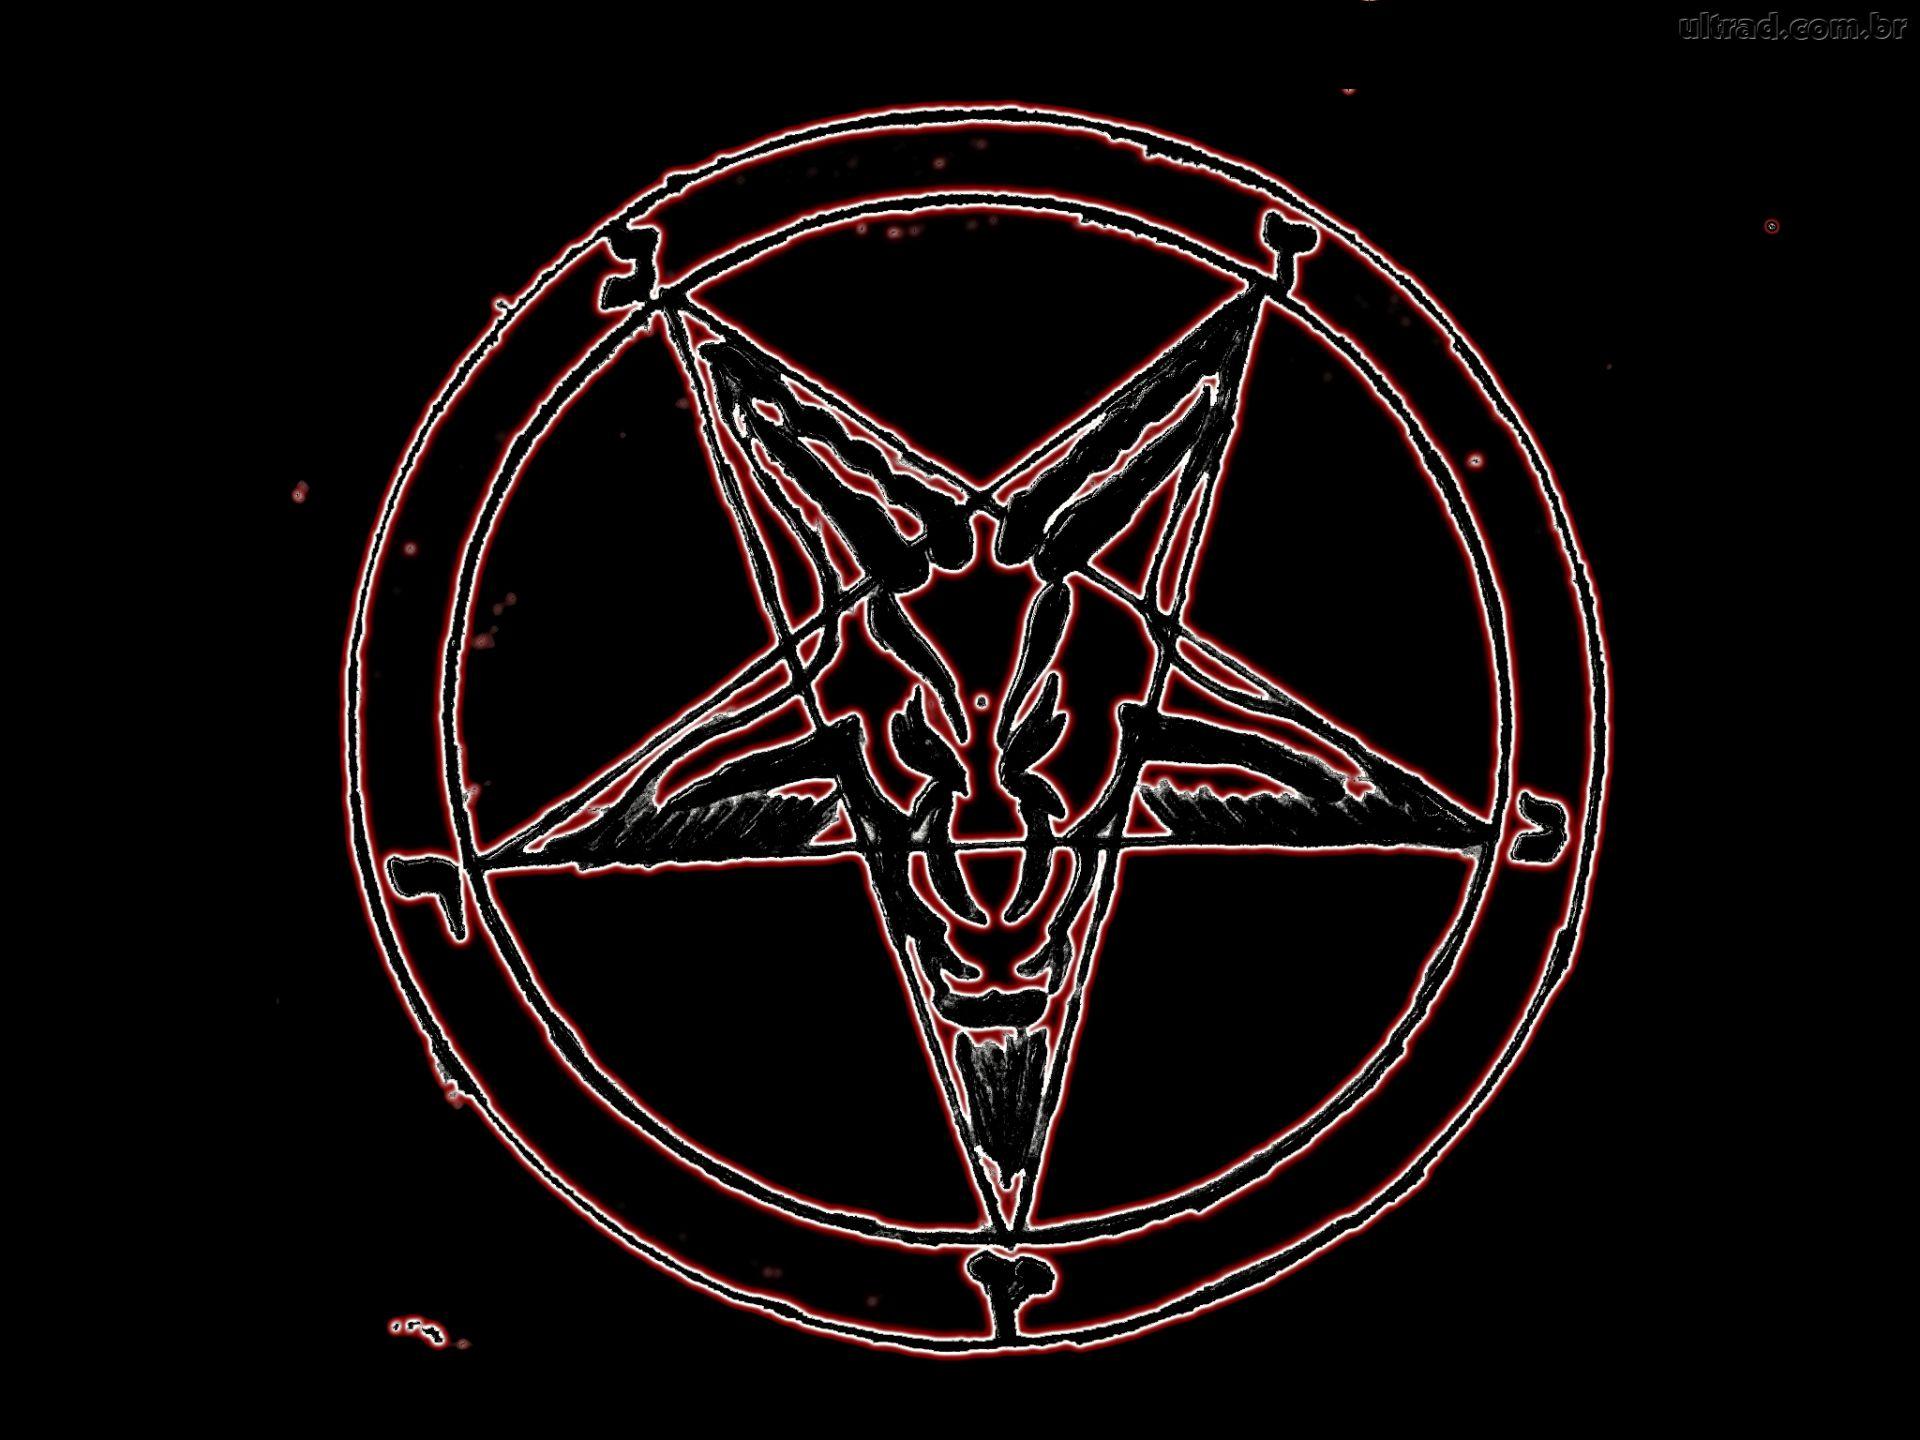 Знаки картинки дьявола